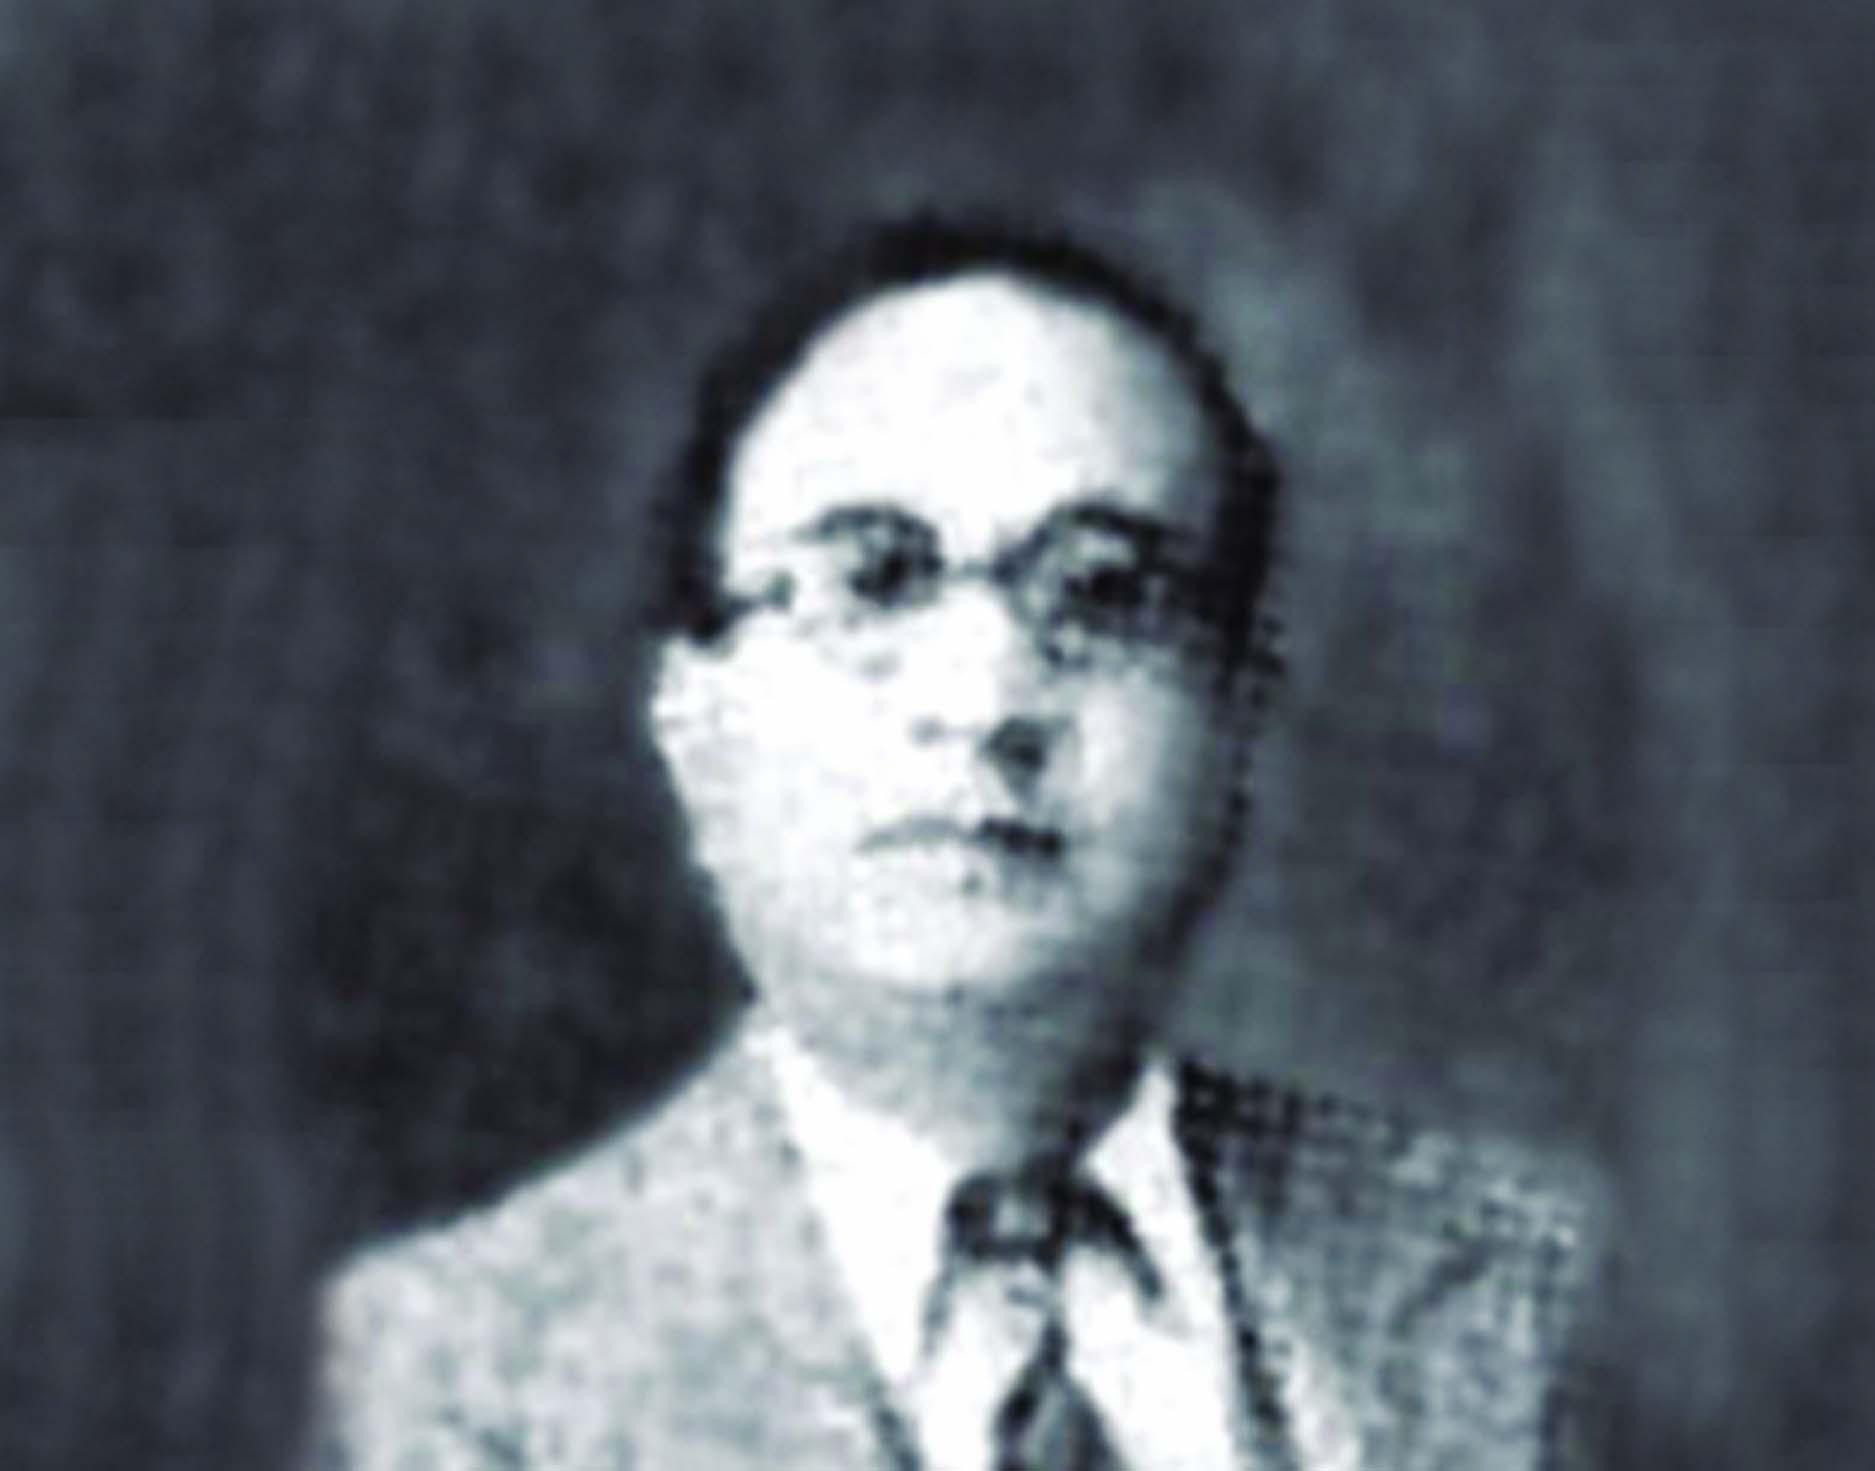 Professor Shahid Suhrawardy